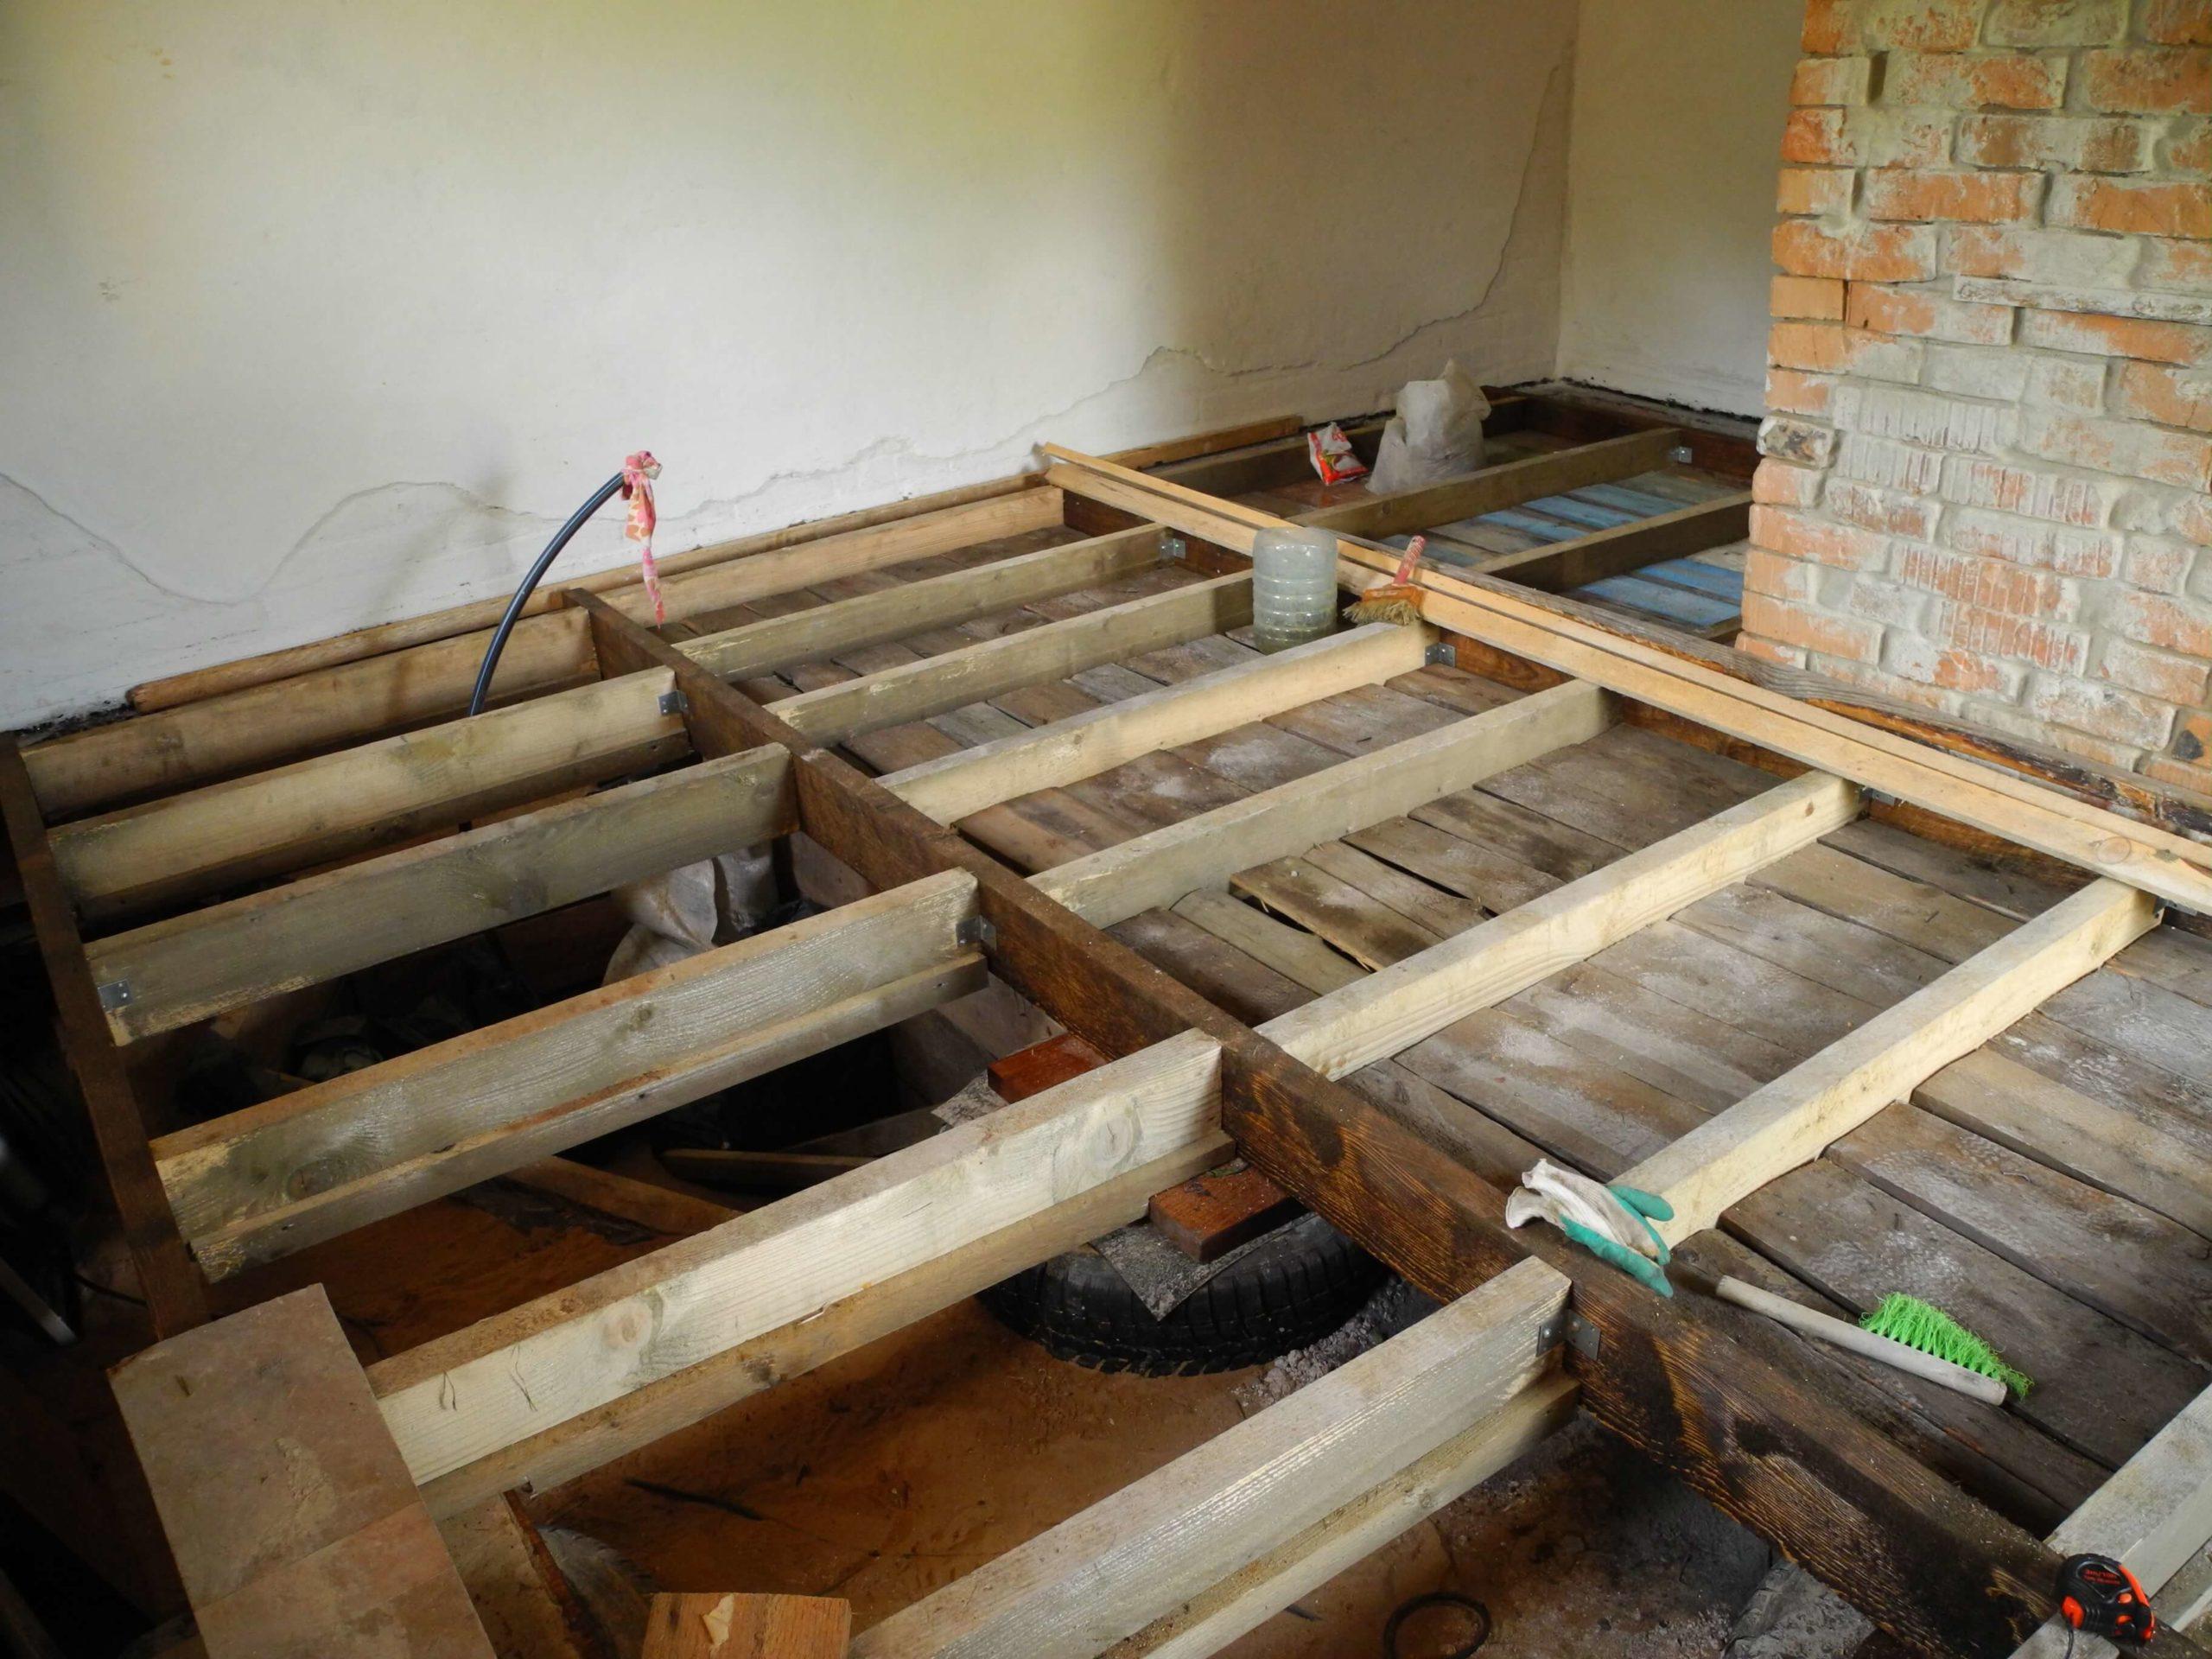 Ремонт деревянного дома своими руками, обновление стен, кровли, реставрация венцов